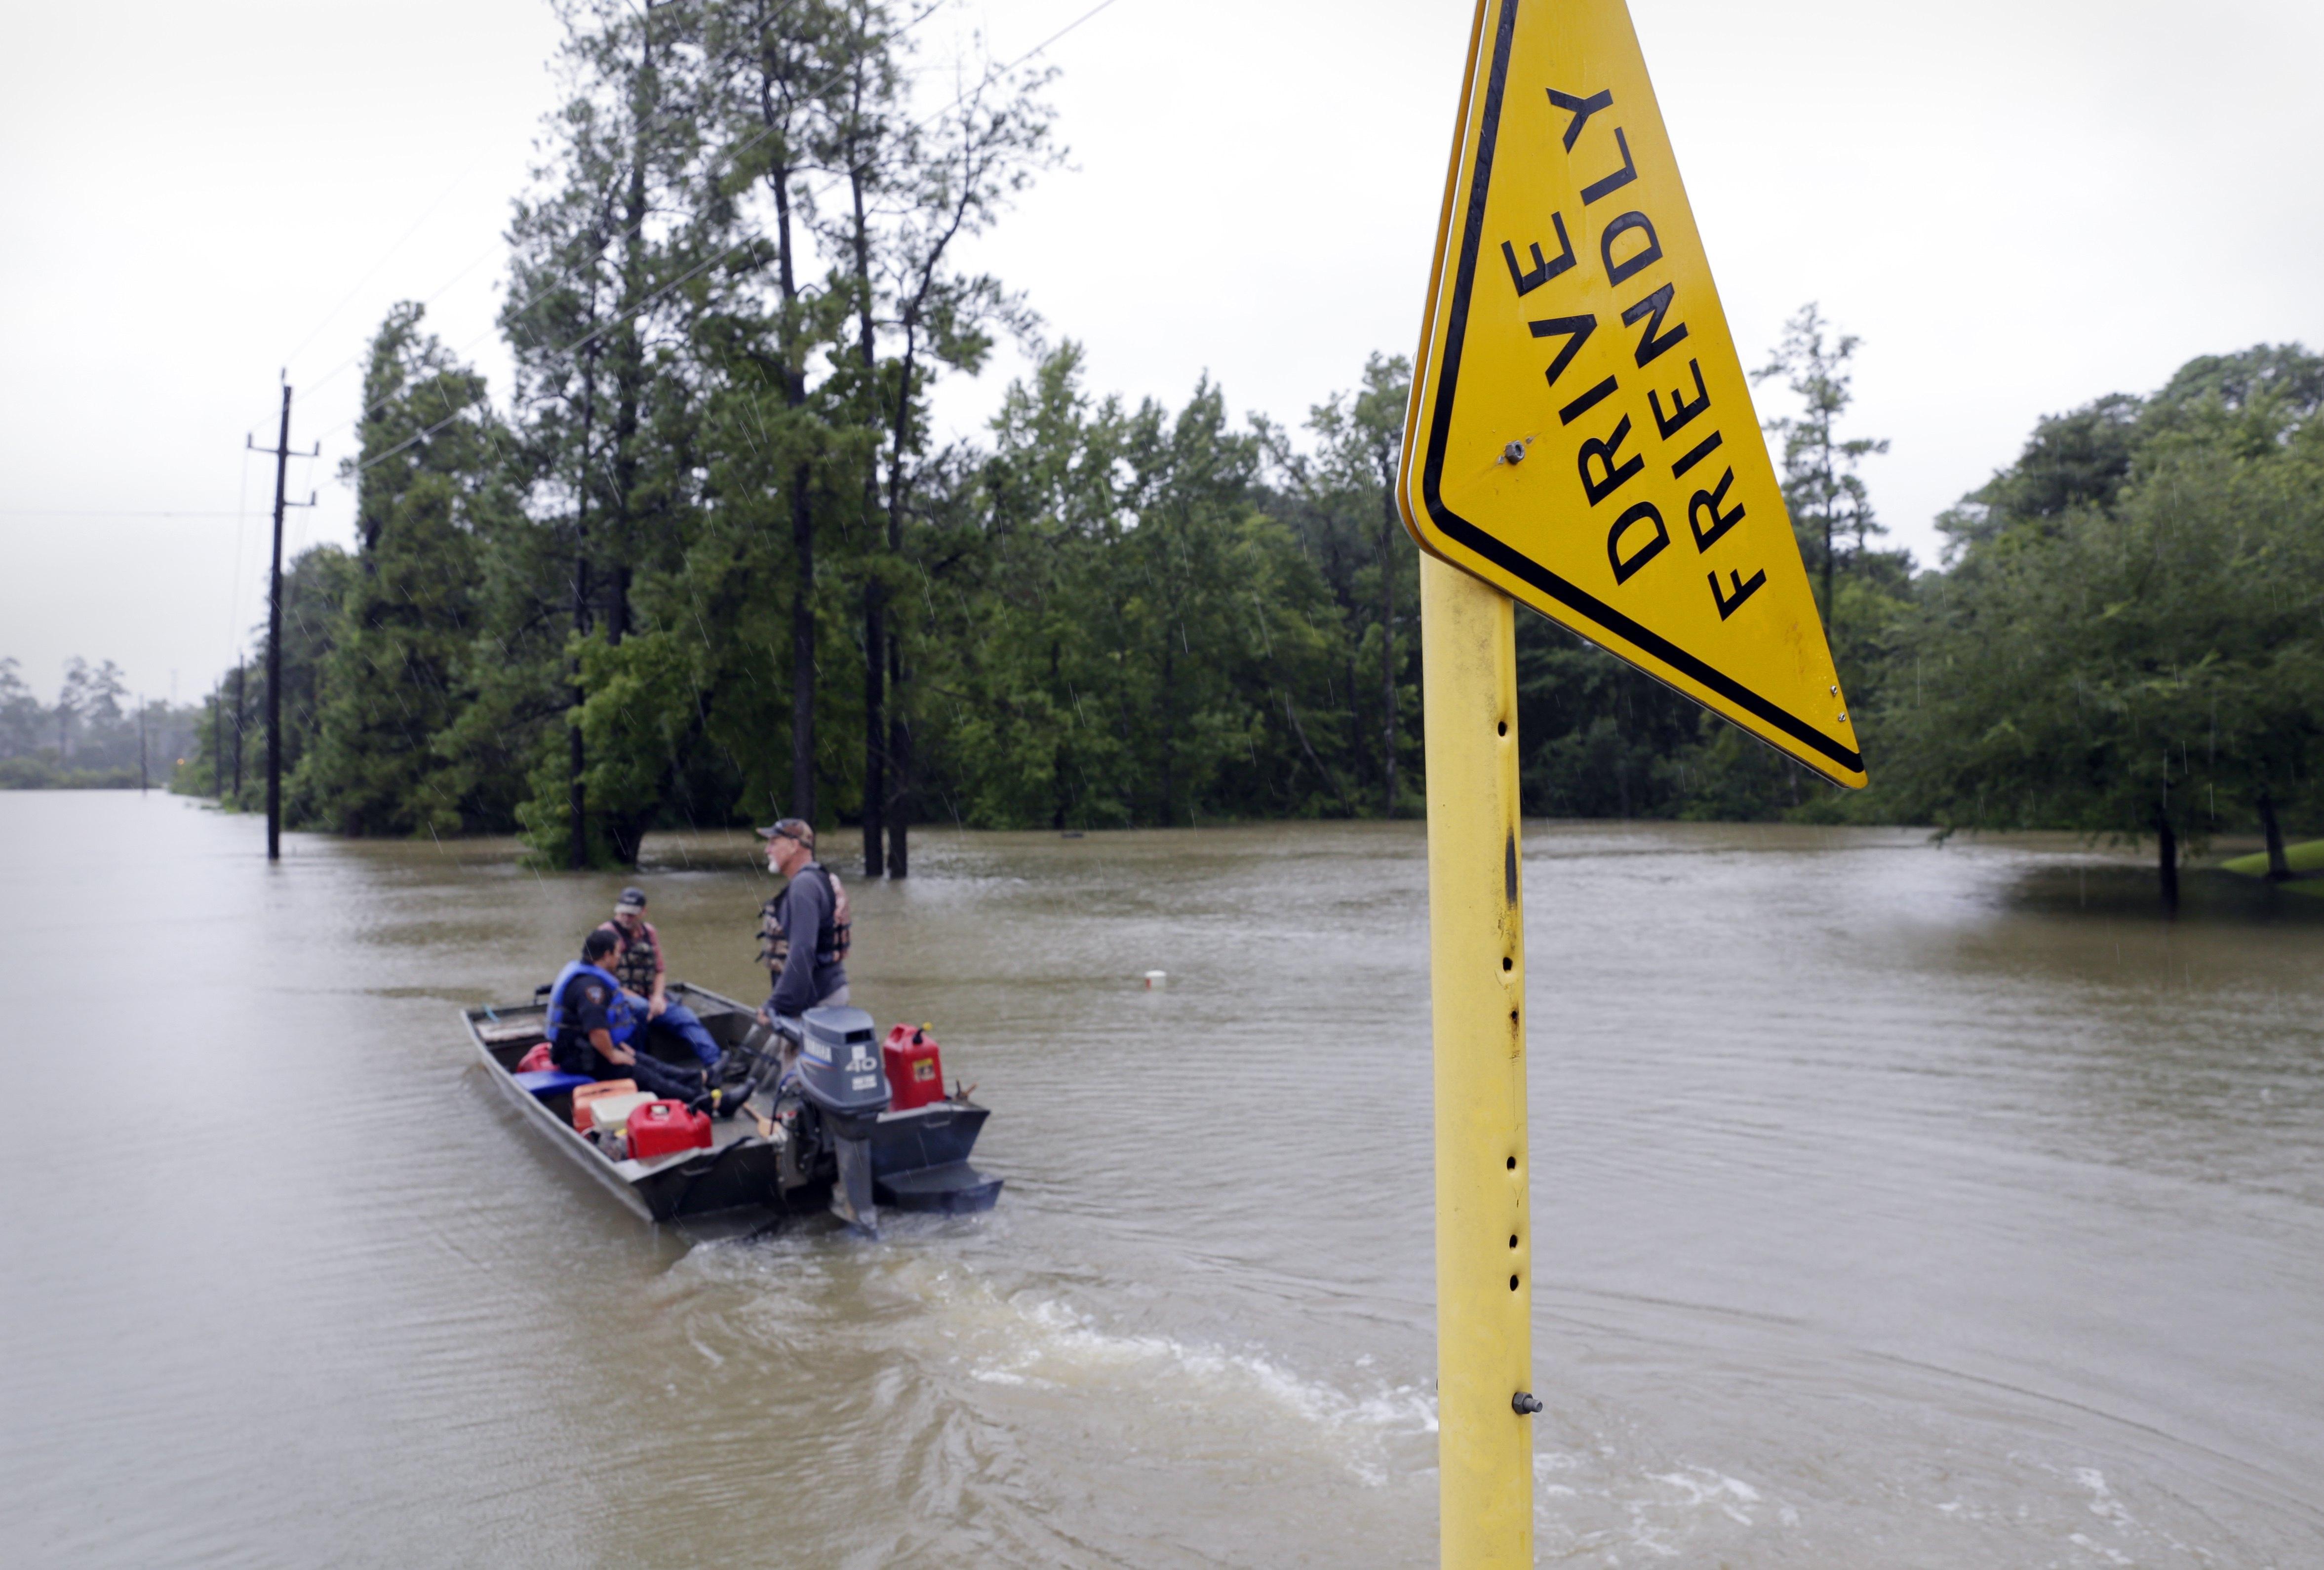 Harvey enfraquece, mas novo furacão se forma